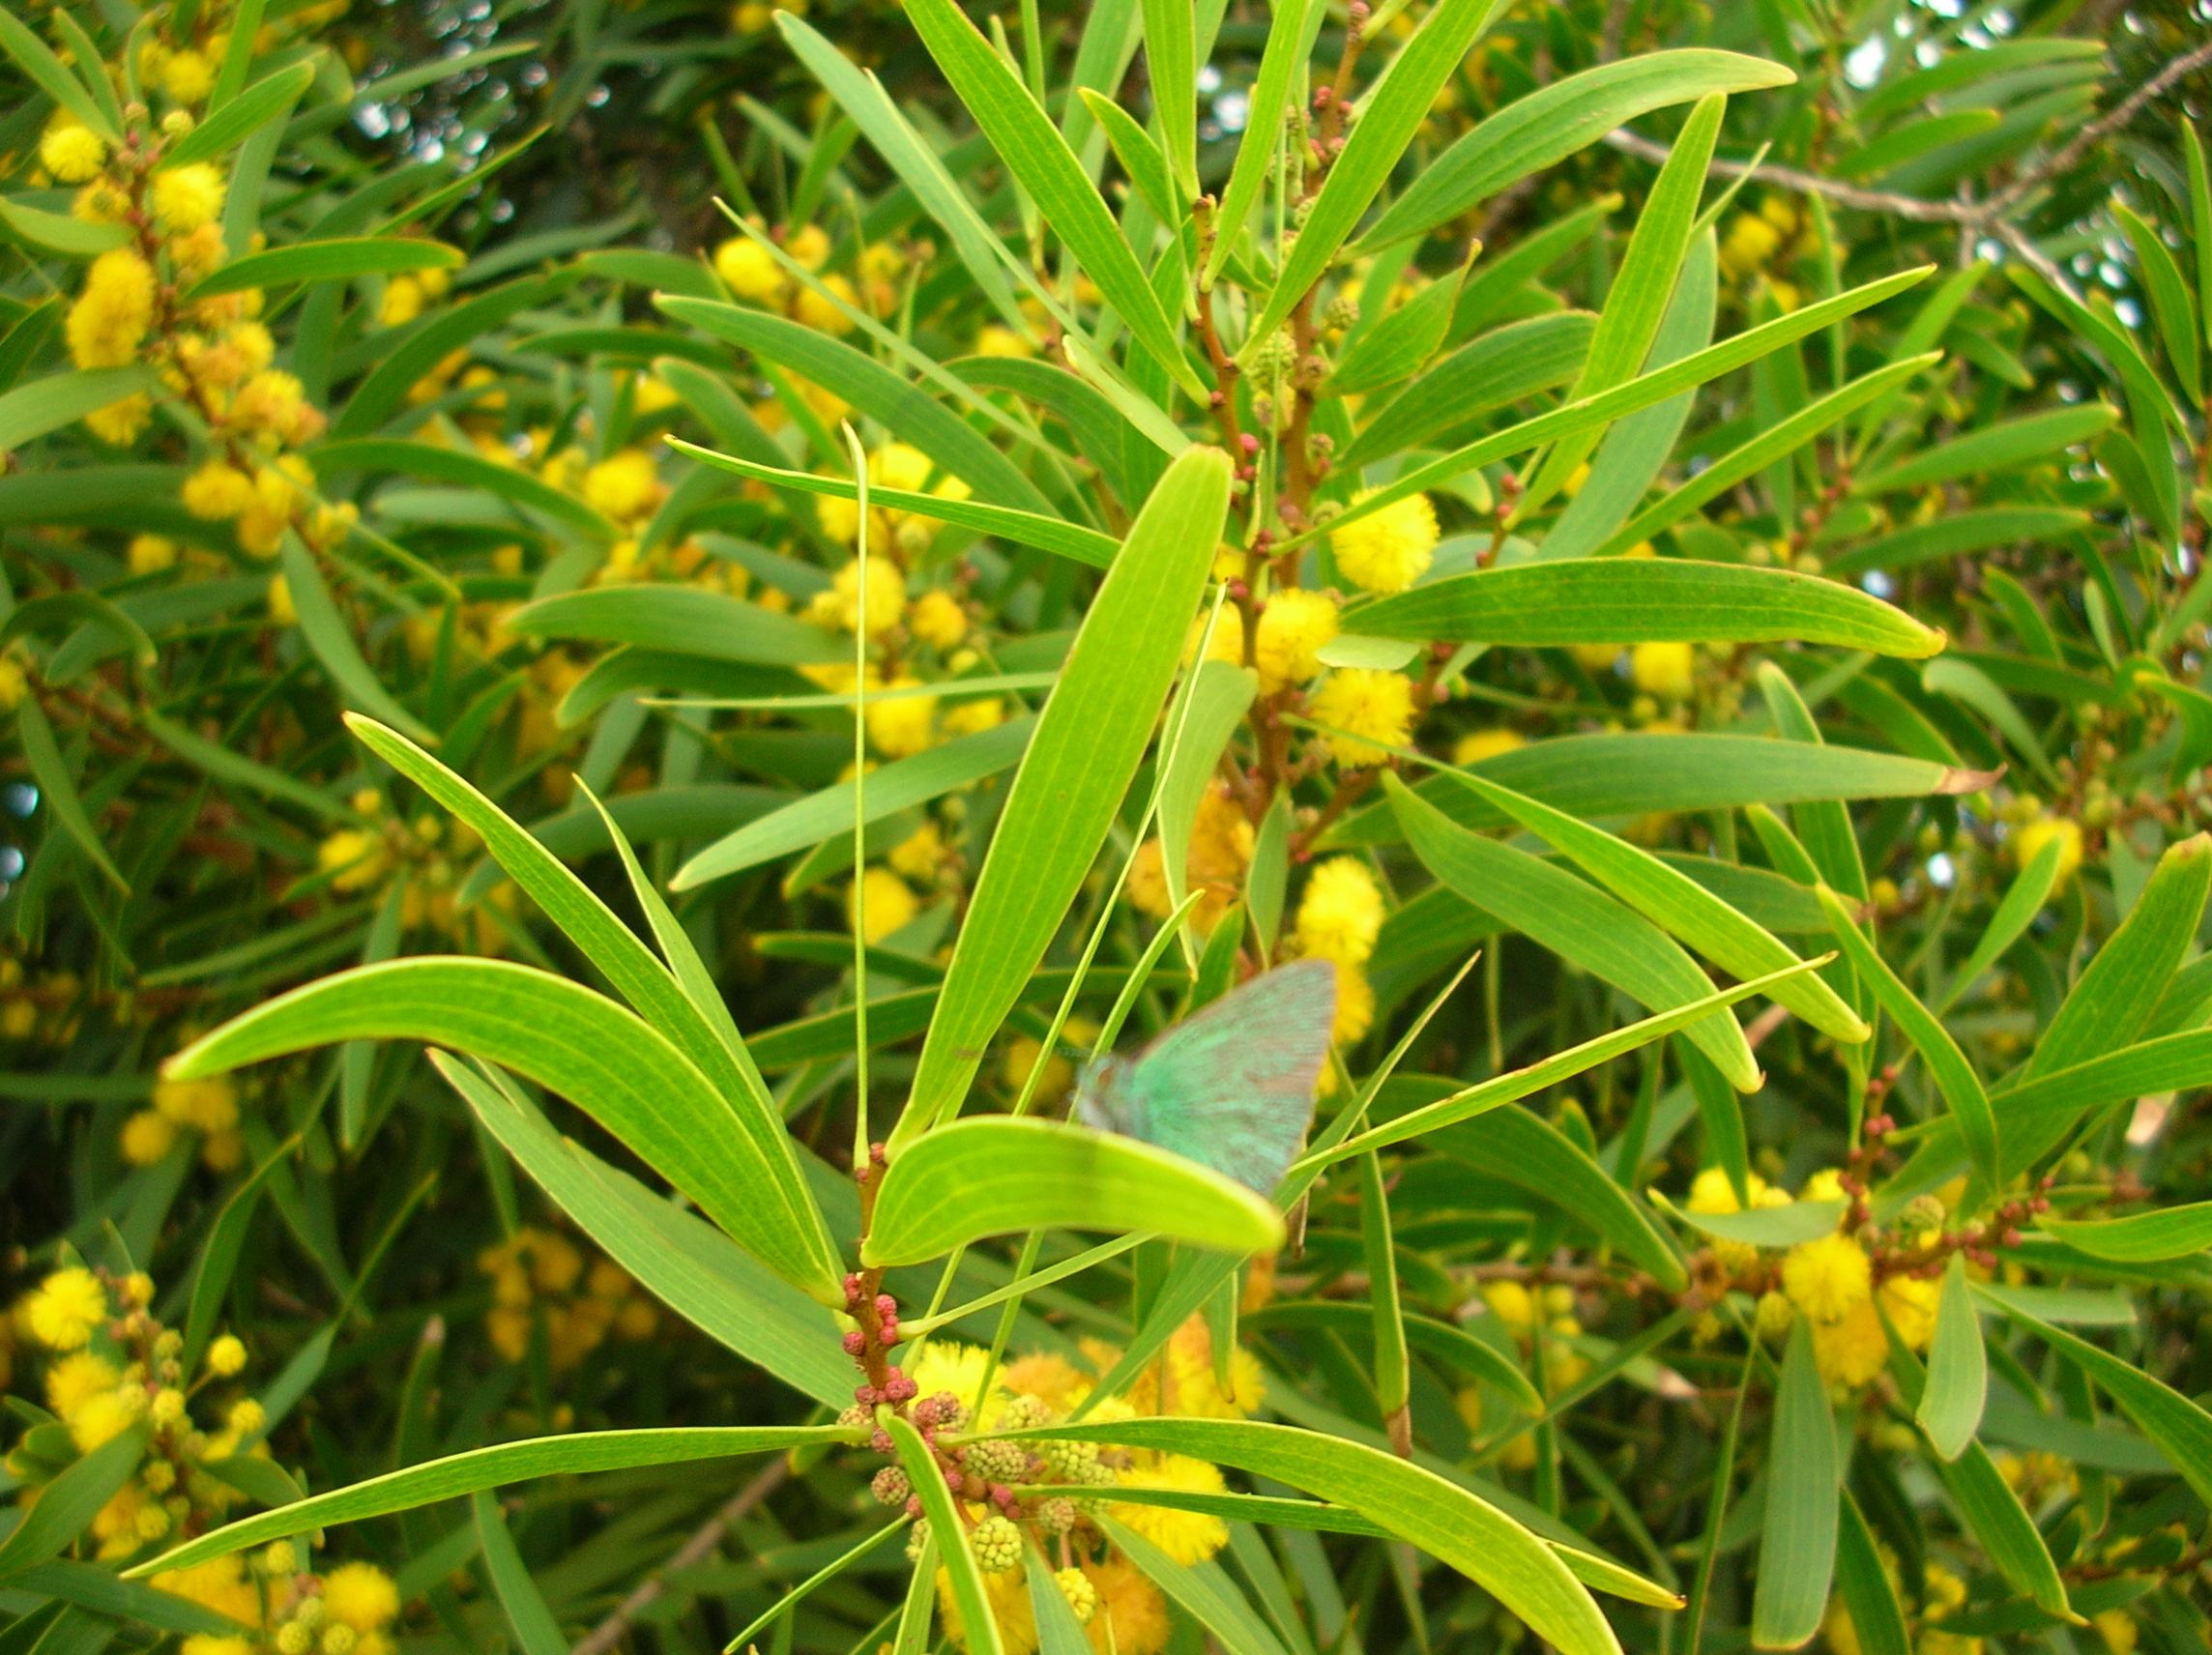 Acacia confusa flowering tree branch